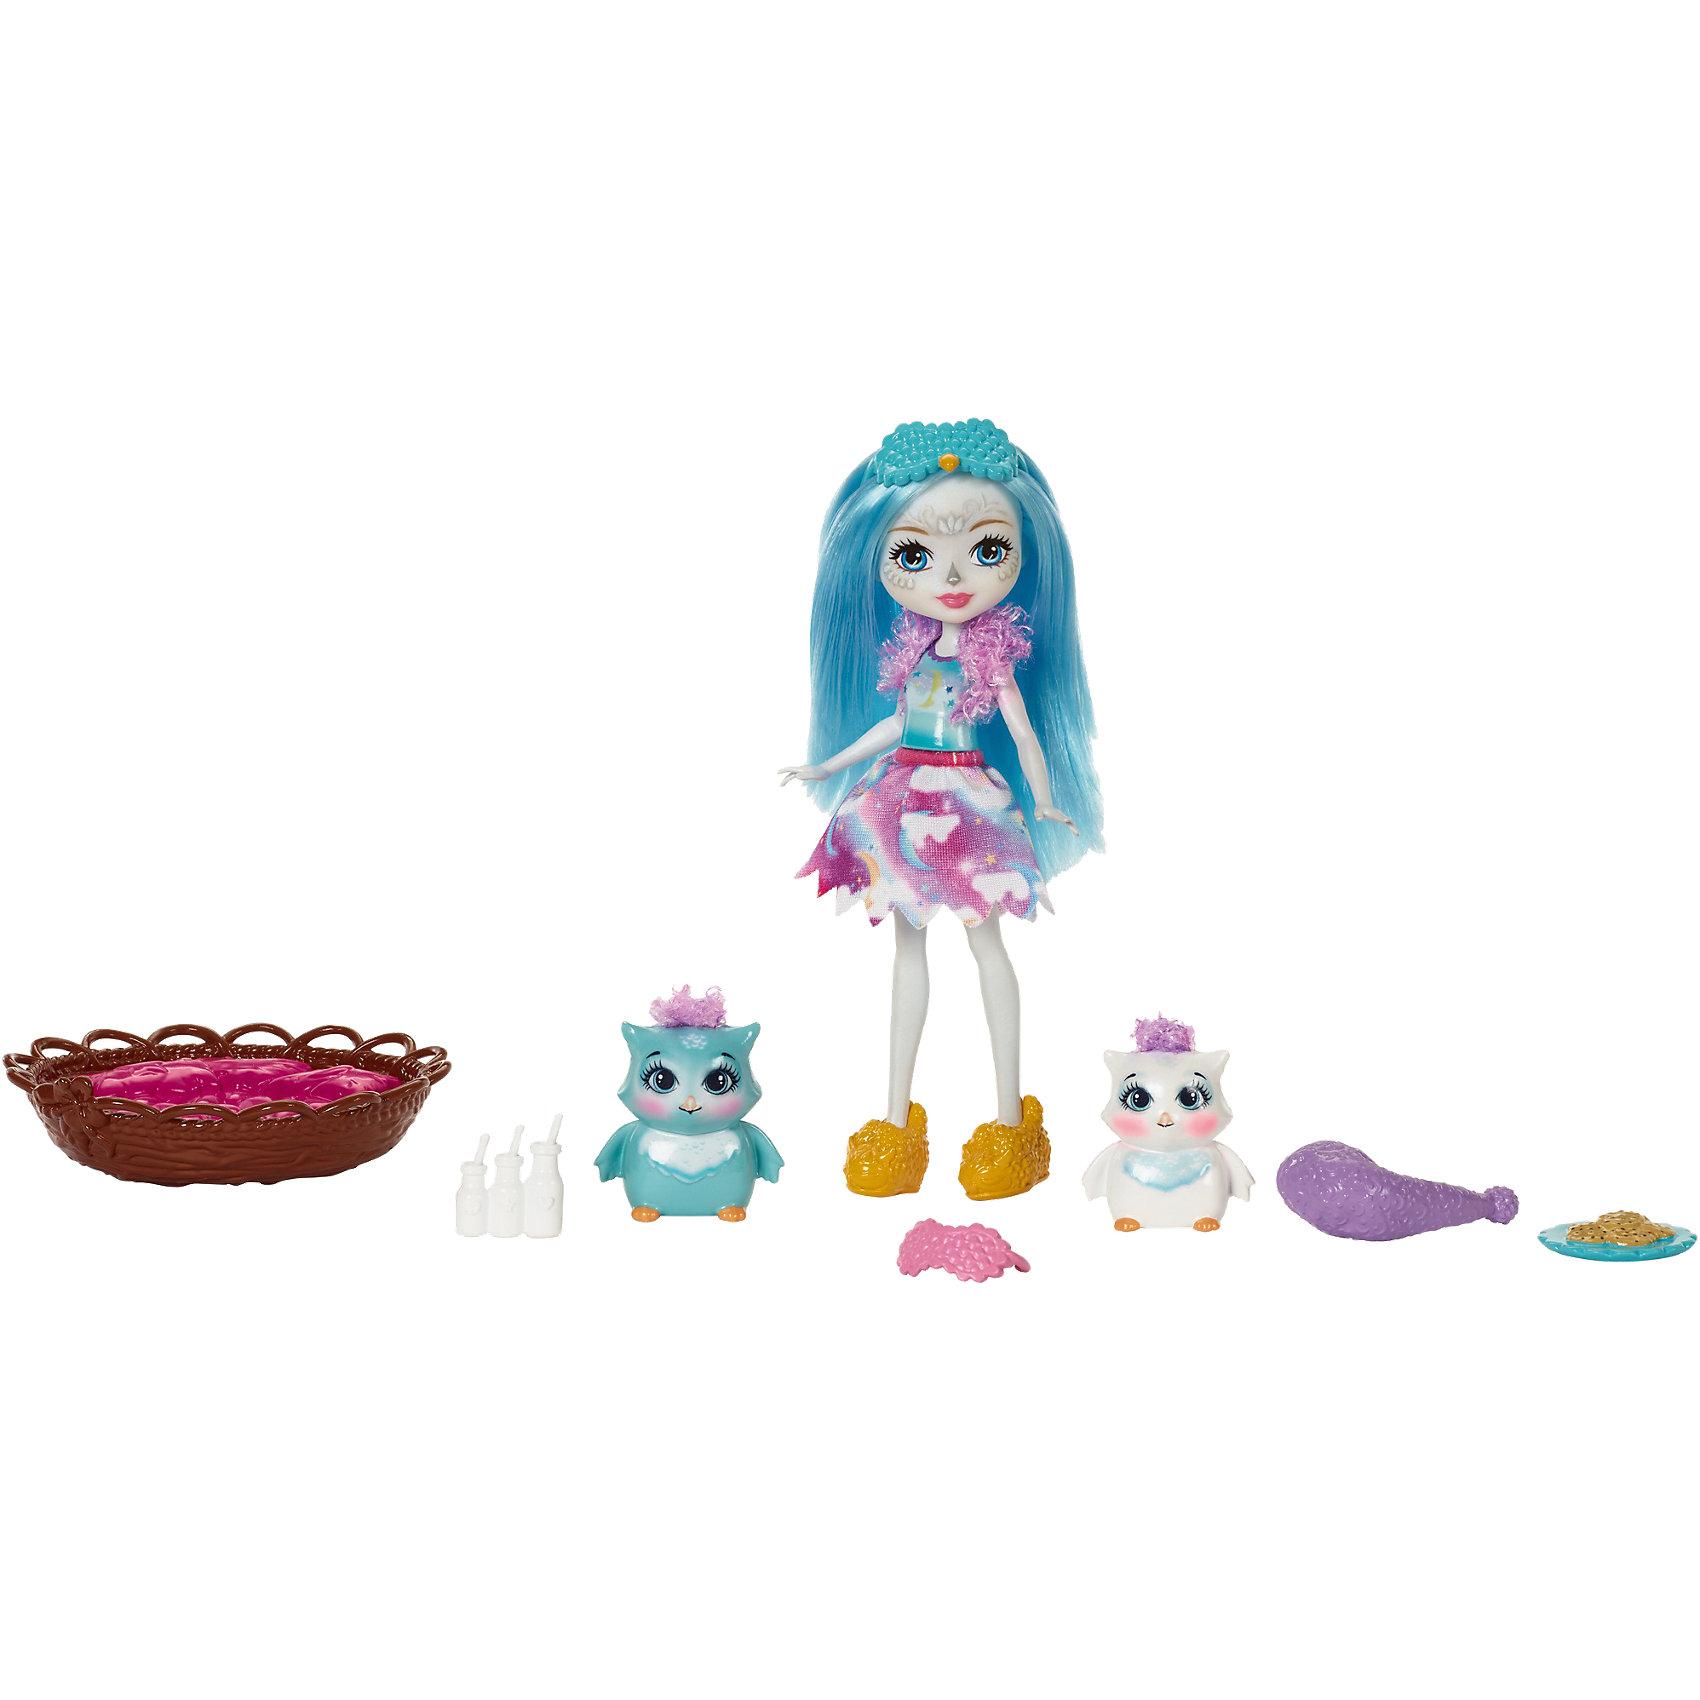 Набор с куклой Enchantimals Ночевка с совойМини-куклы<br>Характеристики товара:<br><br>• возраст: от 3 лет;<br>• пол: девочка;<br>• материал: пластик, текстиль<br>• высота куклы: 15 см;<br>• в комплекте : кукла, 2 фигурки совят и аксессуары; <br>• подвижные руки, ноги и голова кукол;<br>• мягкие волосы, которые можно расчесывать;                                         <br>• страна-производитель: Индонезия;                                    <br>• размер упаковки: 5,5х10х32,5 см.<br><br>Новинка от Mattel!!!<br>Перед вами замечательный набор, с которым можно будет придумать массу увлекательных историй и долго весело играть.<br><br>Кукла-сова с питомцами-совами имеет яркие голубые волосы и красочный наряд, состоящий из платьица и болеро. Ее питомцами являются два очаровательных совенка. Для более интересной игры к совятам прилагаются кроватка, мисочка с кормом, колпак и очки для сна. <br><br>Игровой набор «Сказка на ночь» от Mattel можно купить в нашем интернет-магазине.<br><br>Ширина мм: 253<br>Глубина мм: 218<br>Высота мм: 45<br>Вес г: 214<br>Возраст от месяцев: 72<br>Возраст до месяцев: 120<br>Пол: Женский<br>Возраст: Детский<br>SKU: 6739705